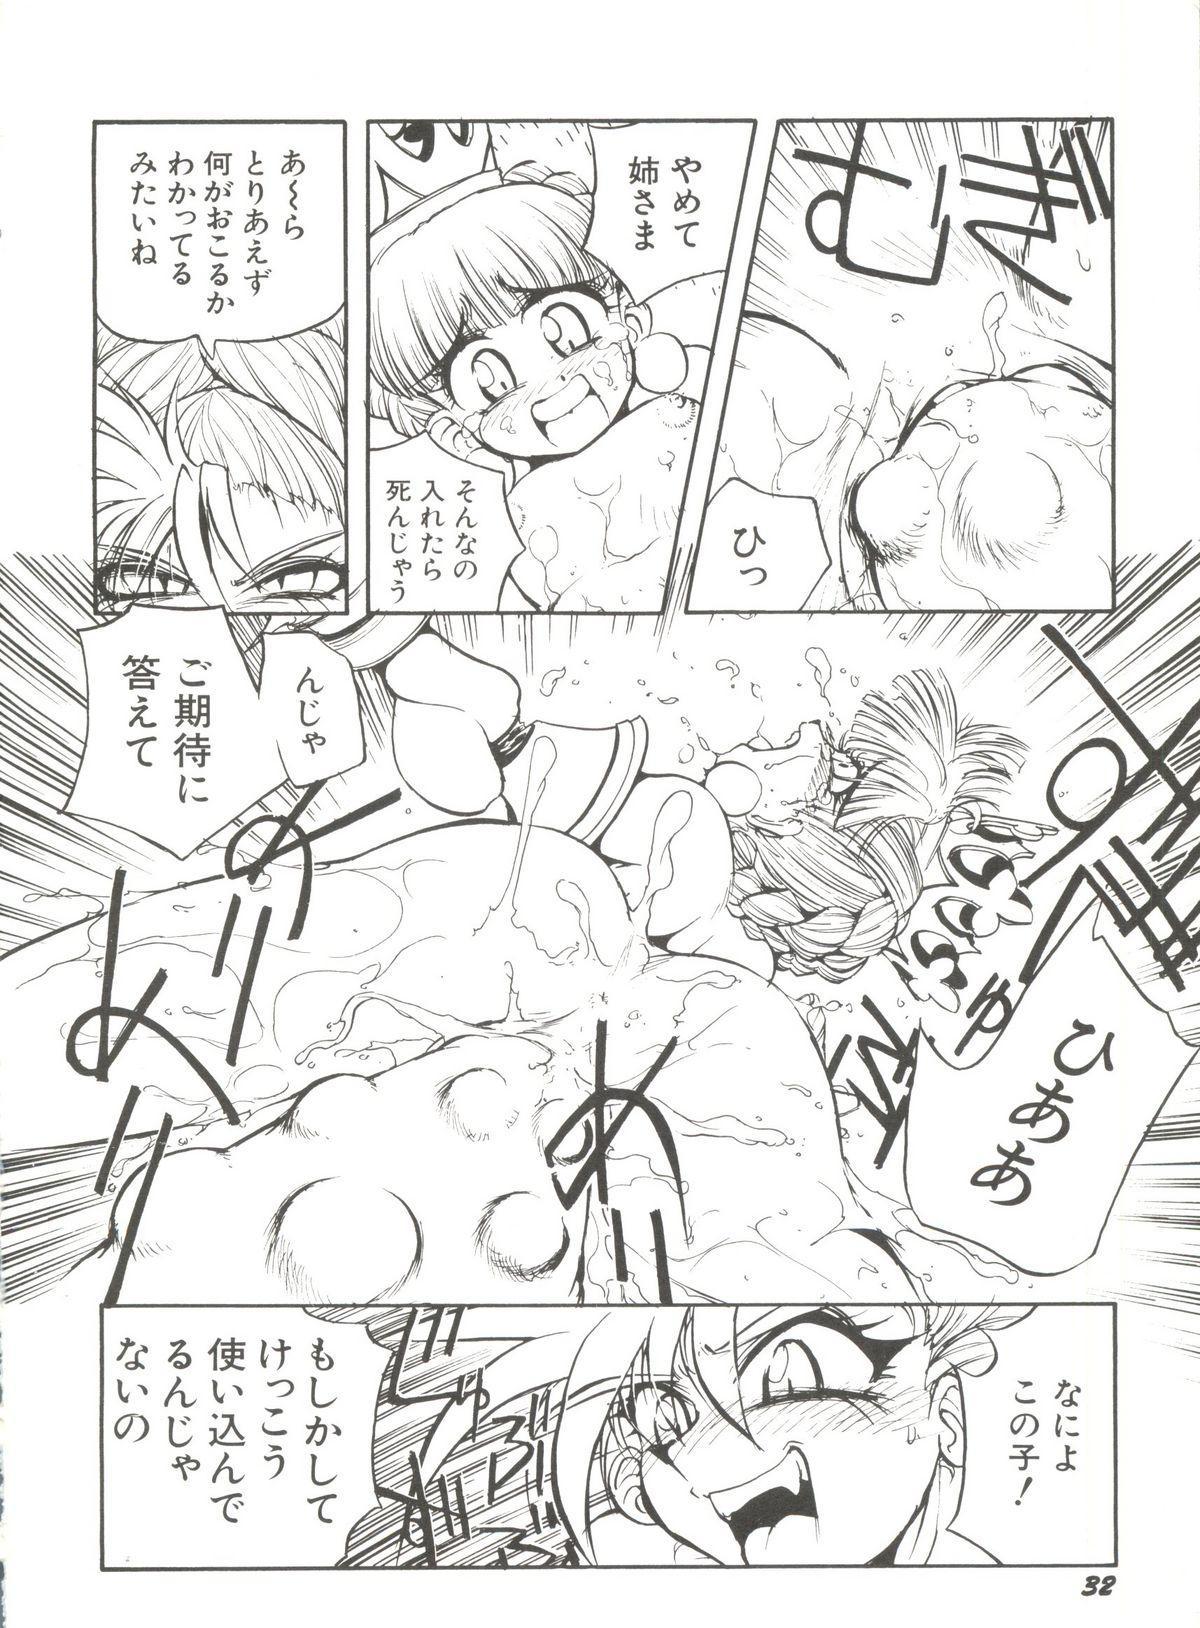 Denei Tamate Bako Bishoujo Doujinshi Anthology Vol. 2 - Nishinhou no Tenshi 35